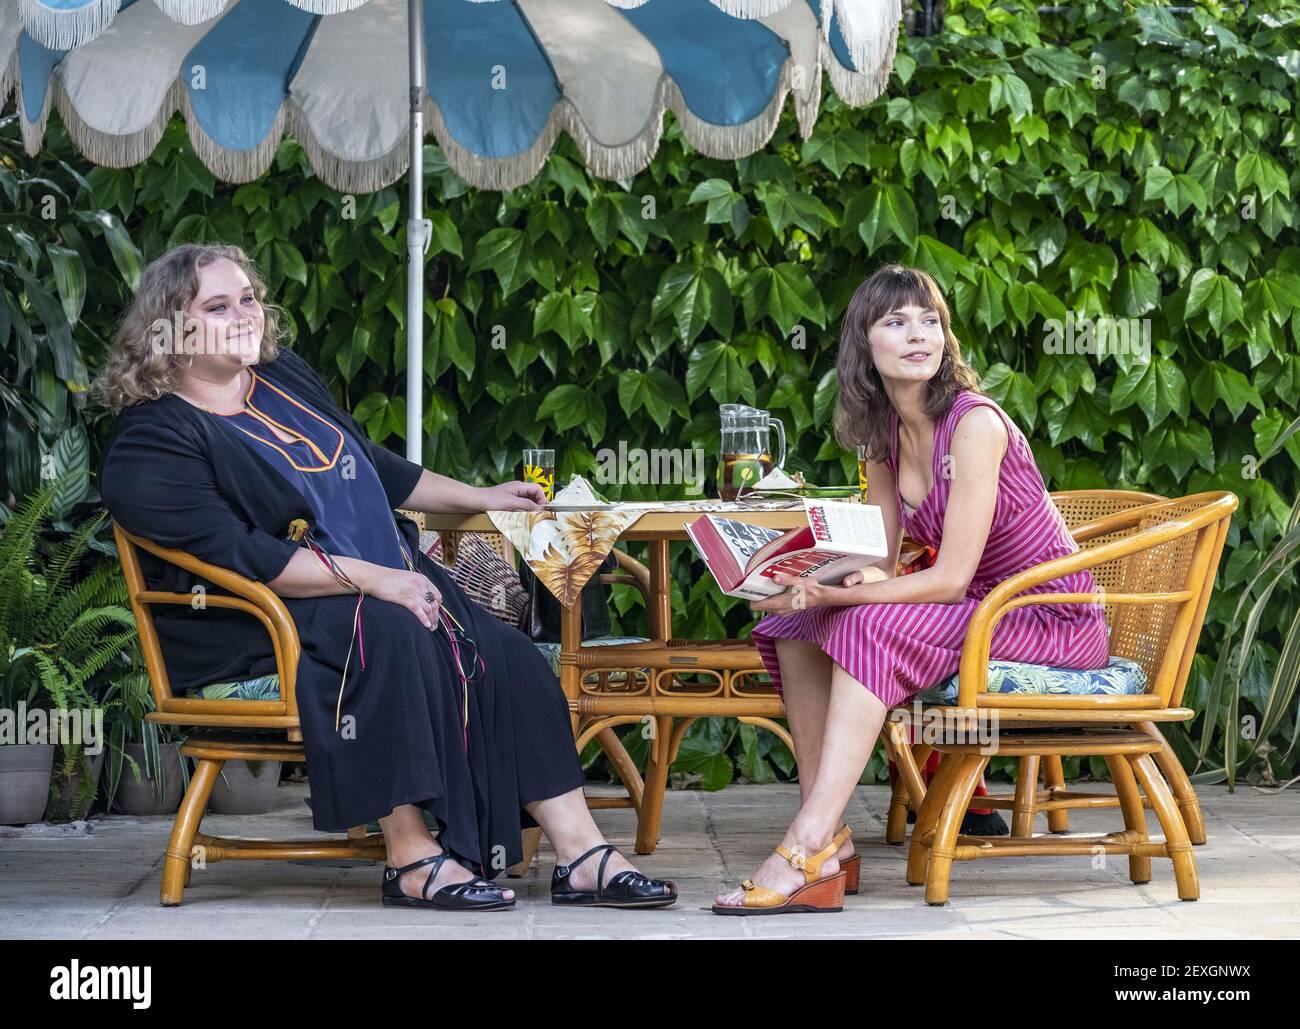 MACDONALD,COBHAM-HERVEY, JE SUIS FEMME, 2019 Banque D'Images